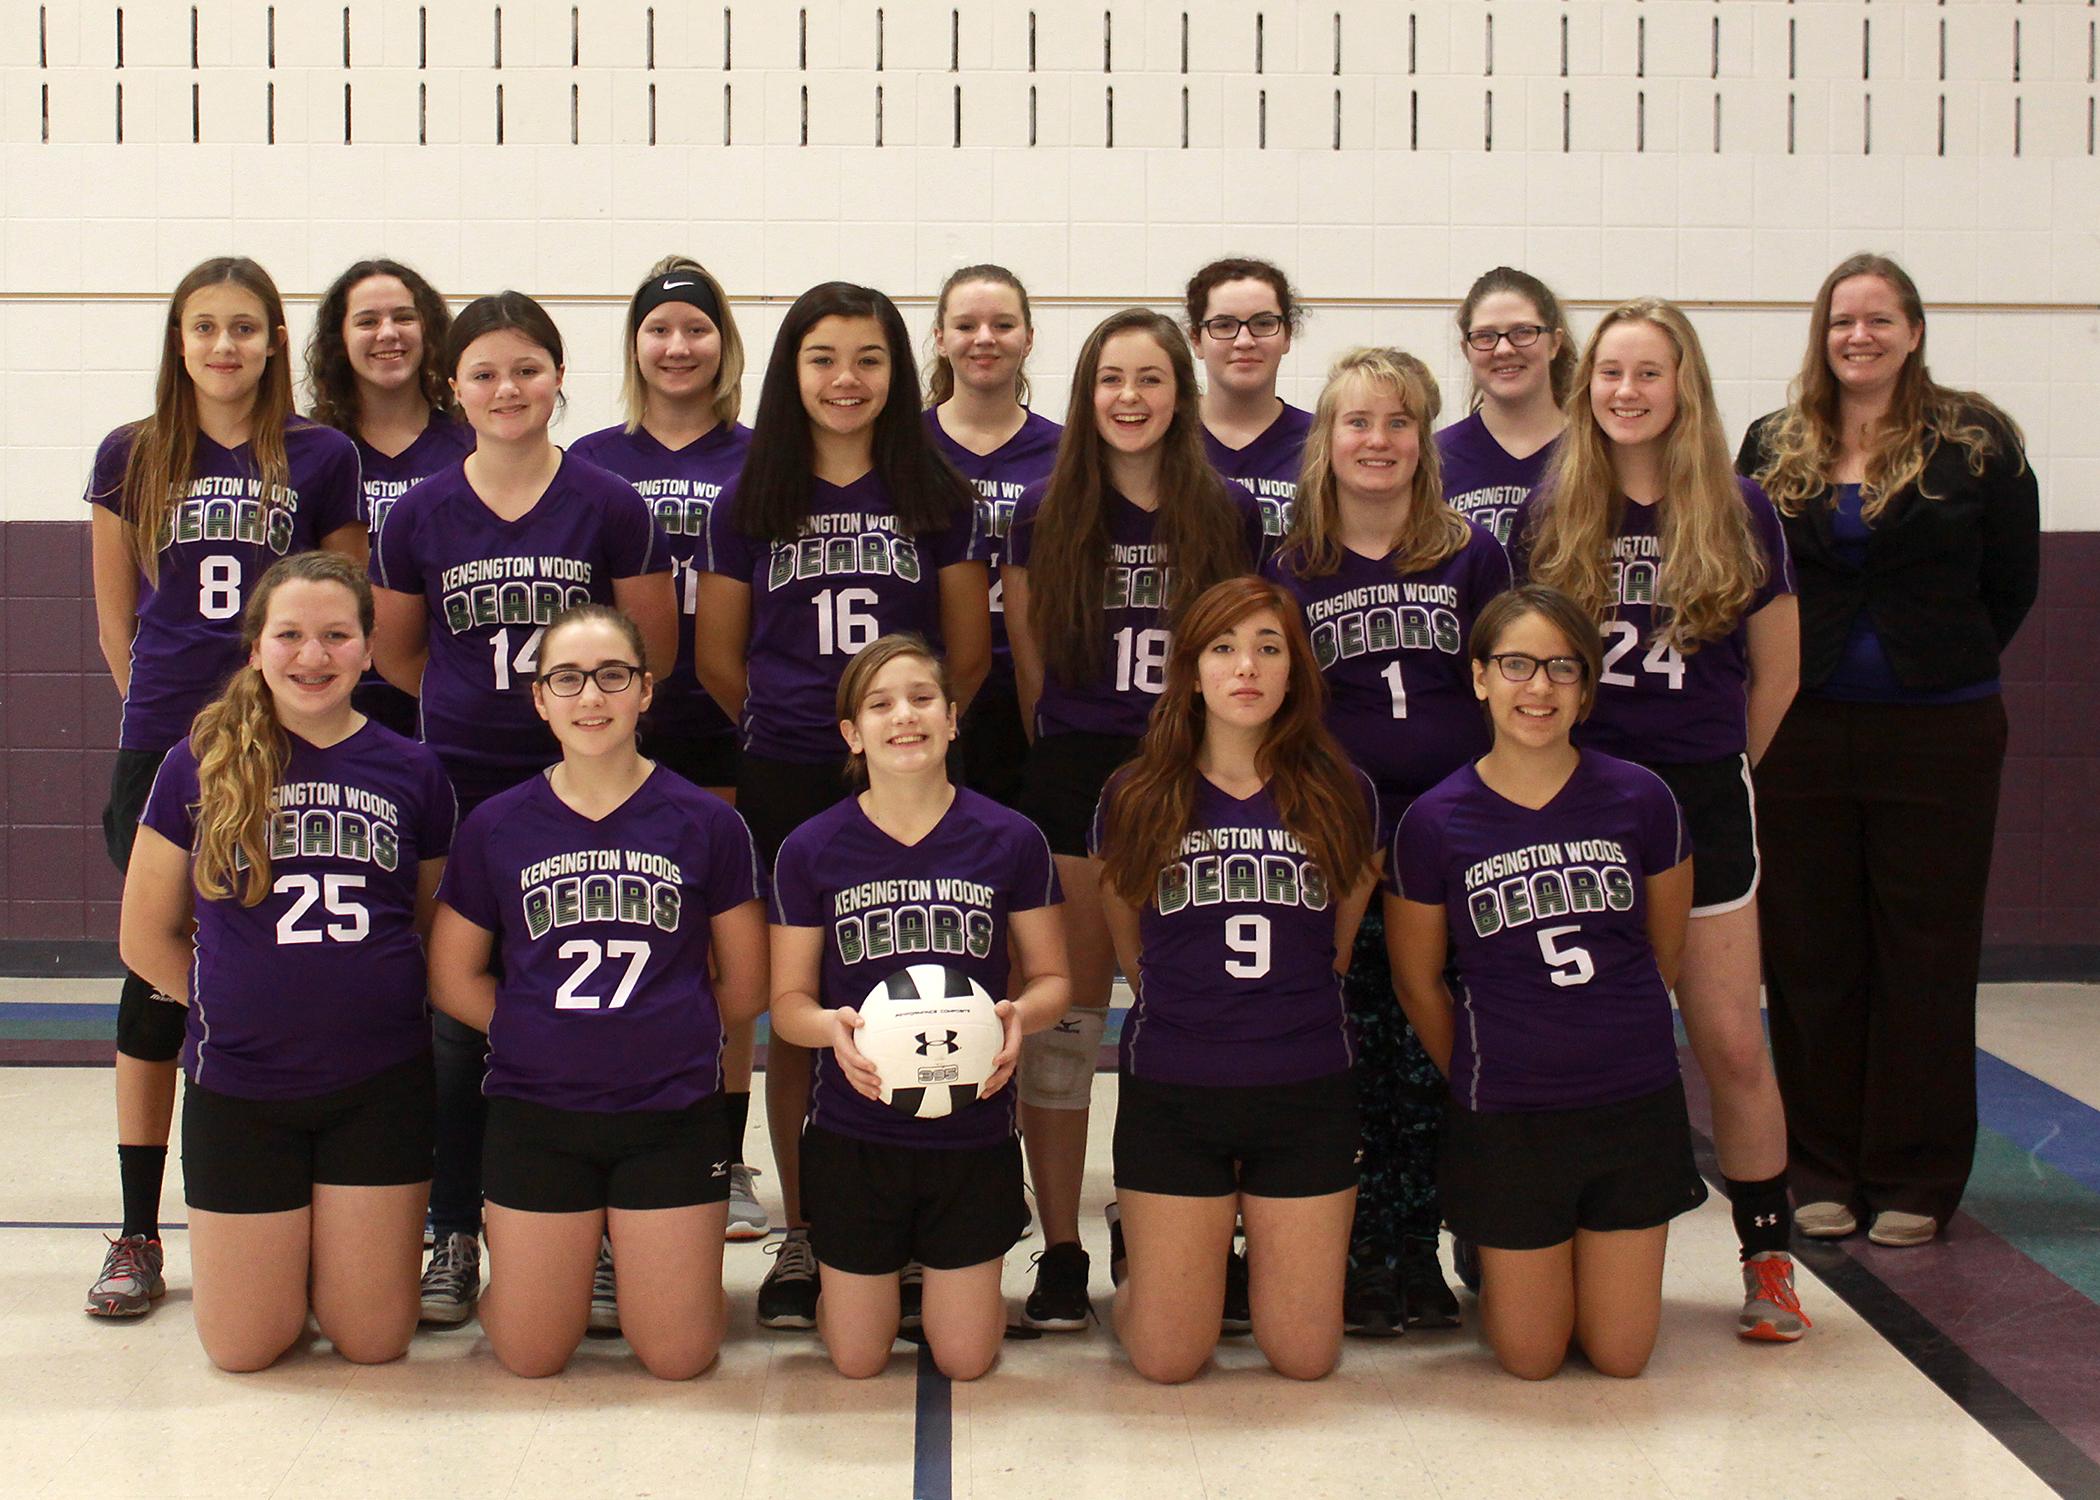 Kensington Woods Schools Girls Volleyball, 2016